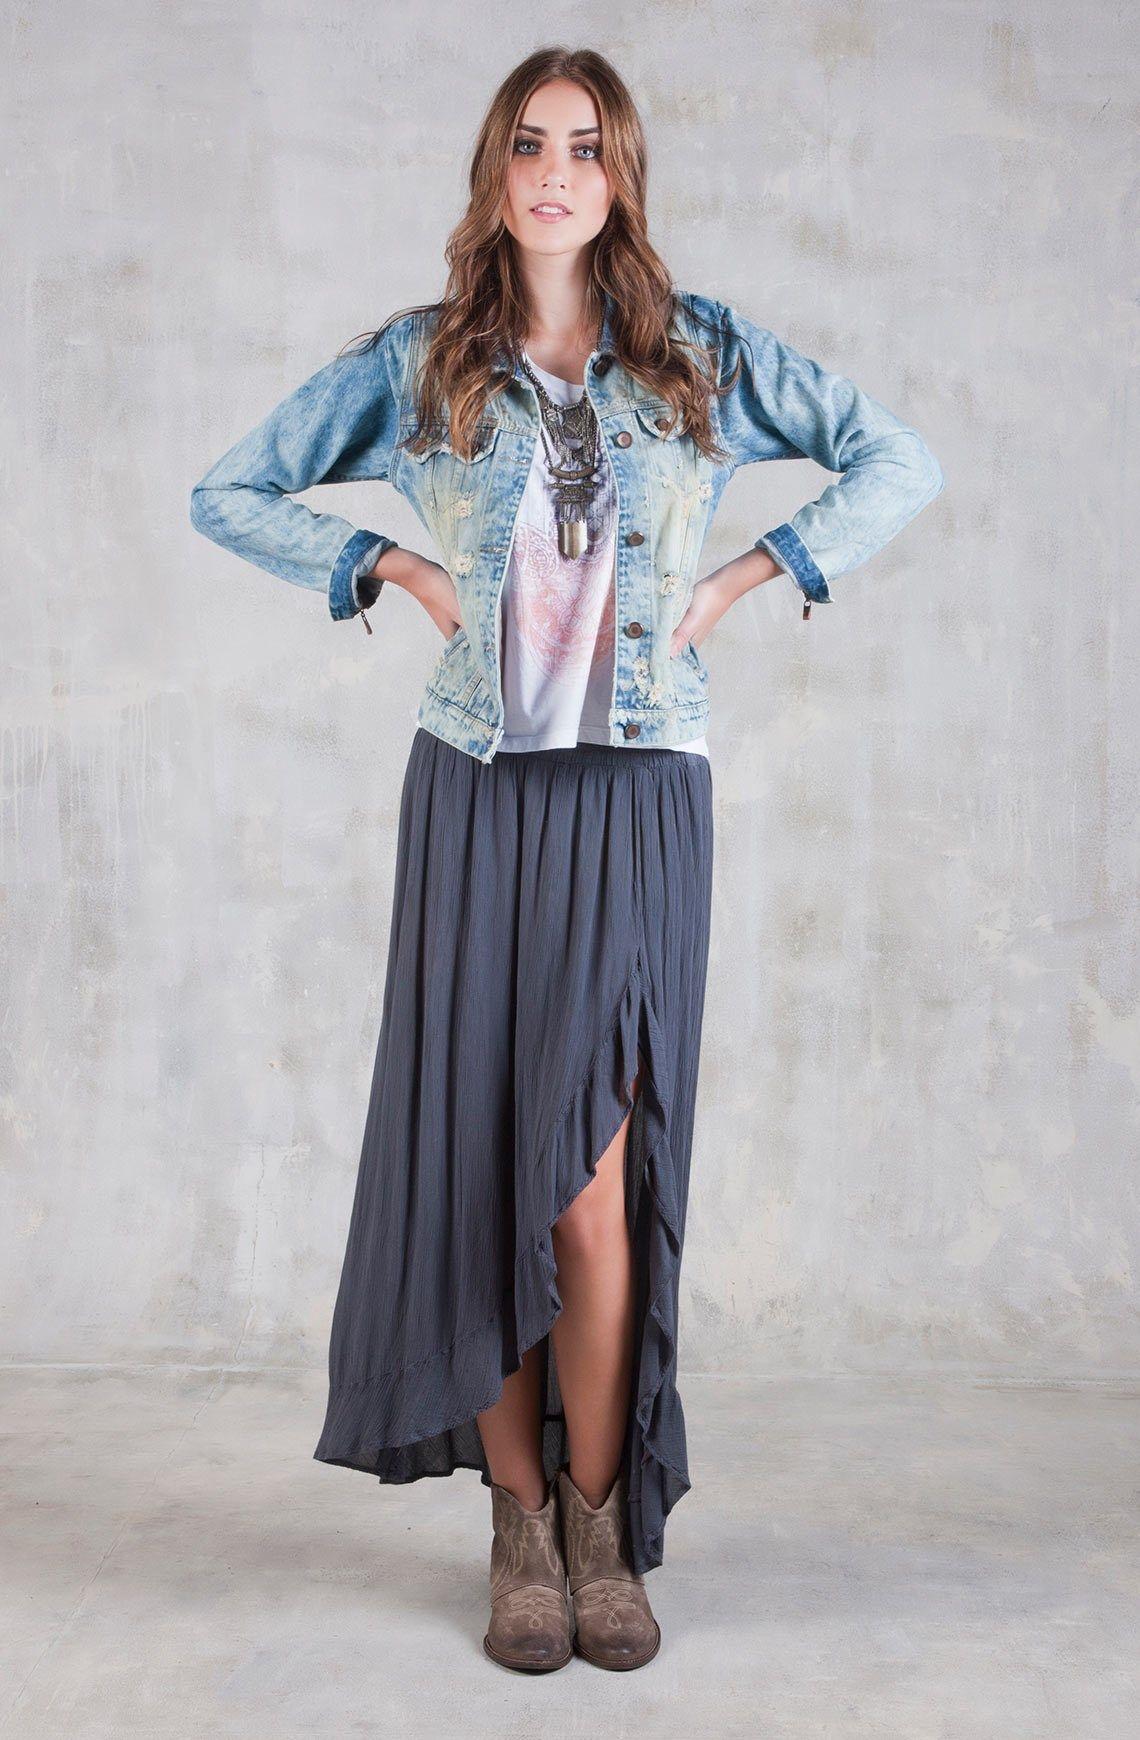 Falda femenina larga fondo entero 580b380ce4bf